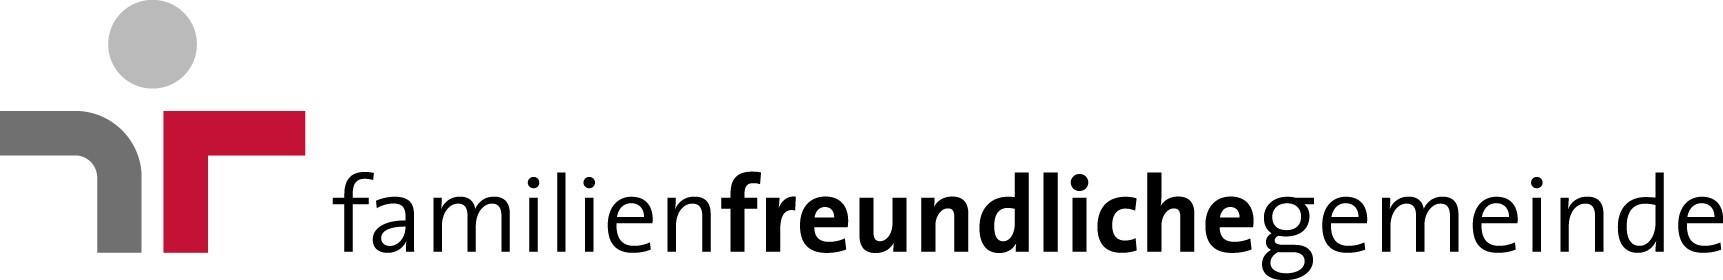 5.1_Logo familienfreundlichegemeinde (002).jpg